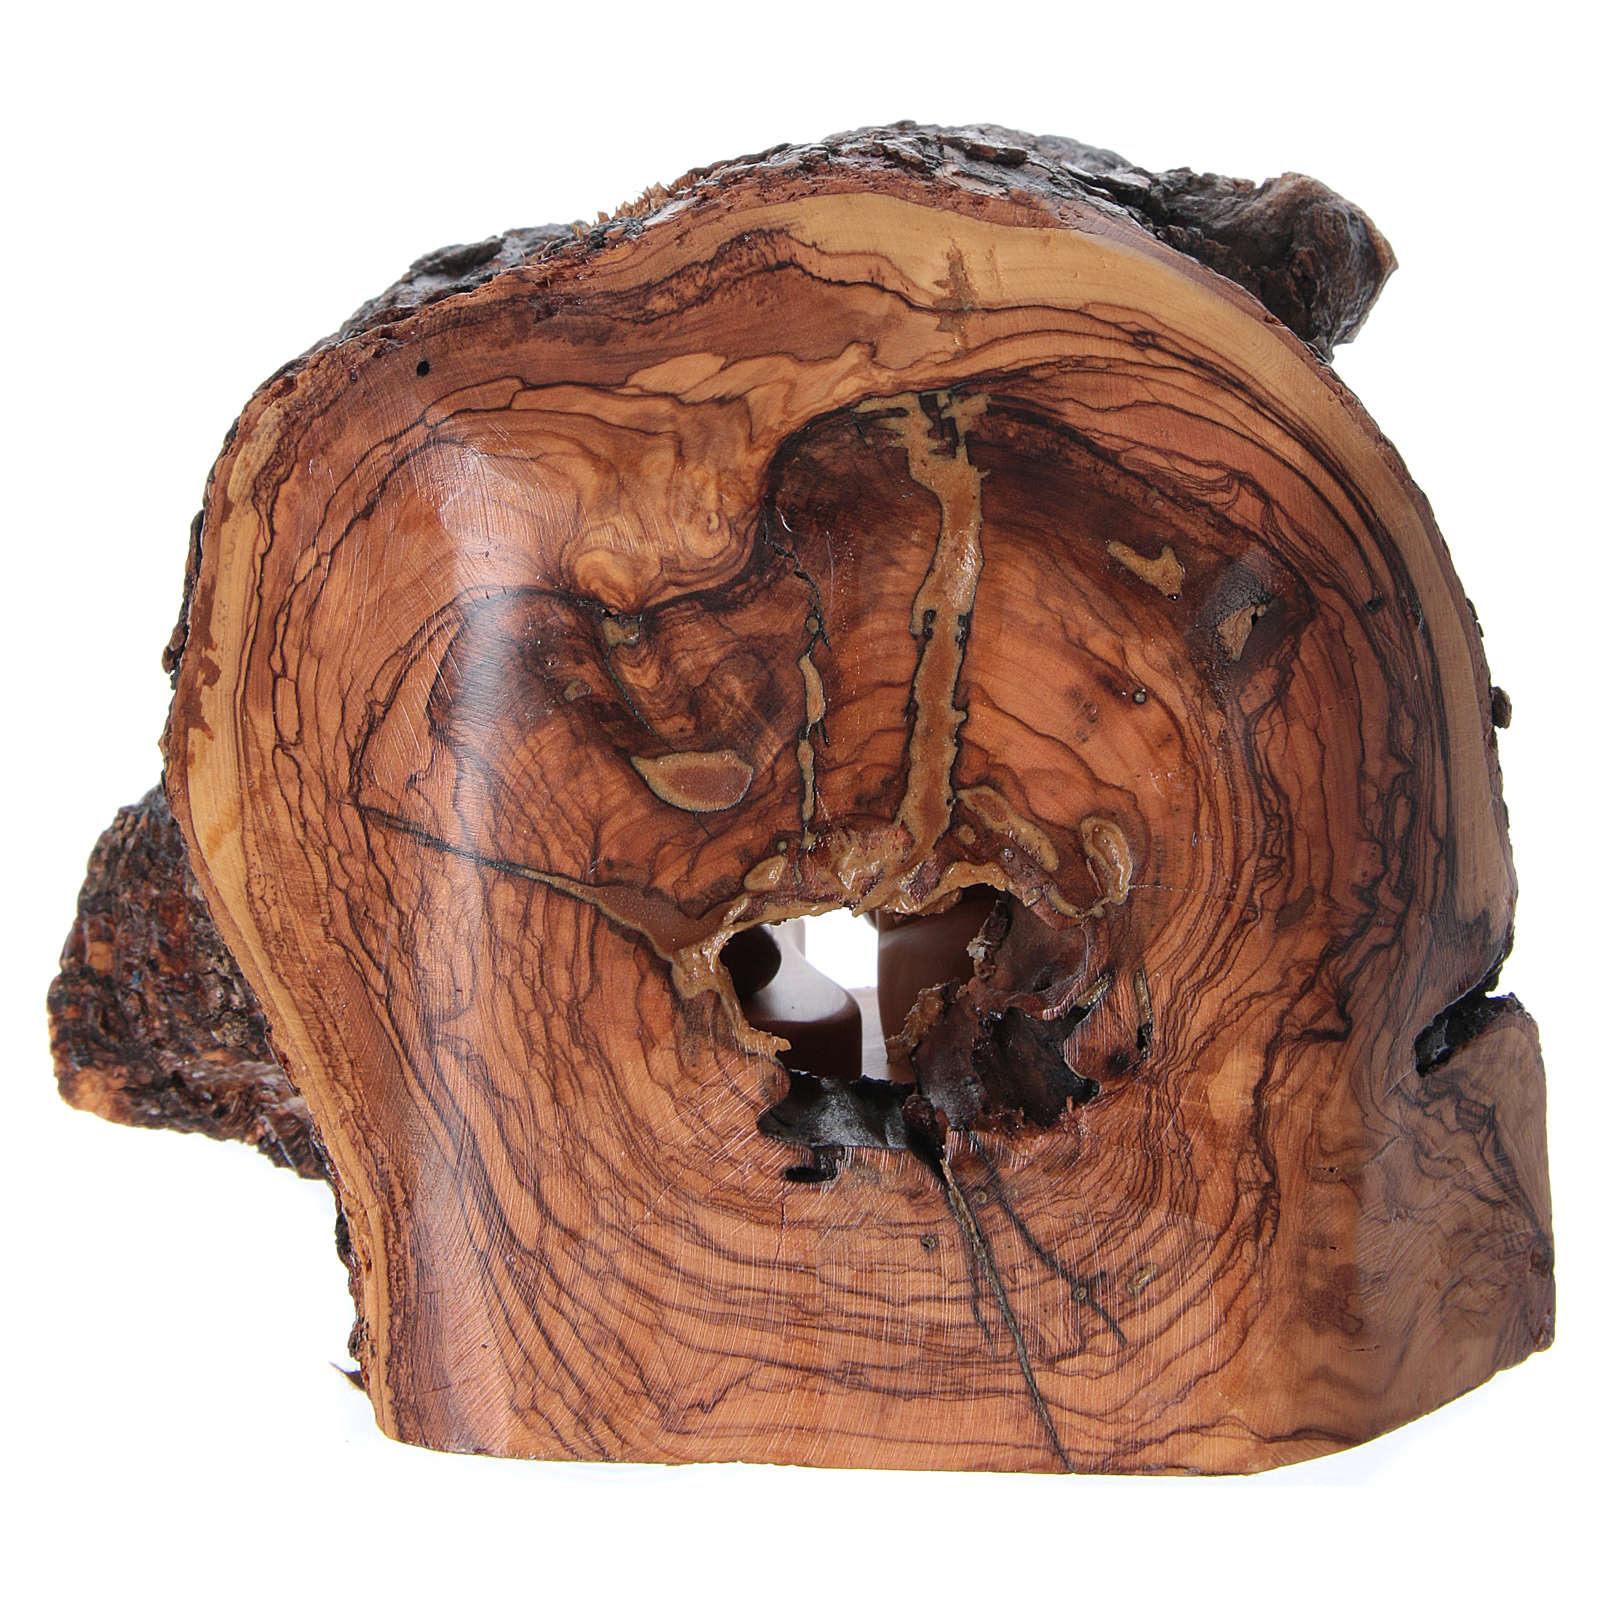 Nativité dans grotte de bois d'olivier Bethléem 15x20x15 cm 4